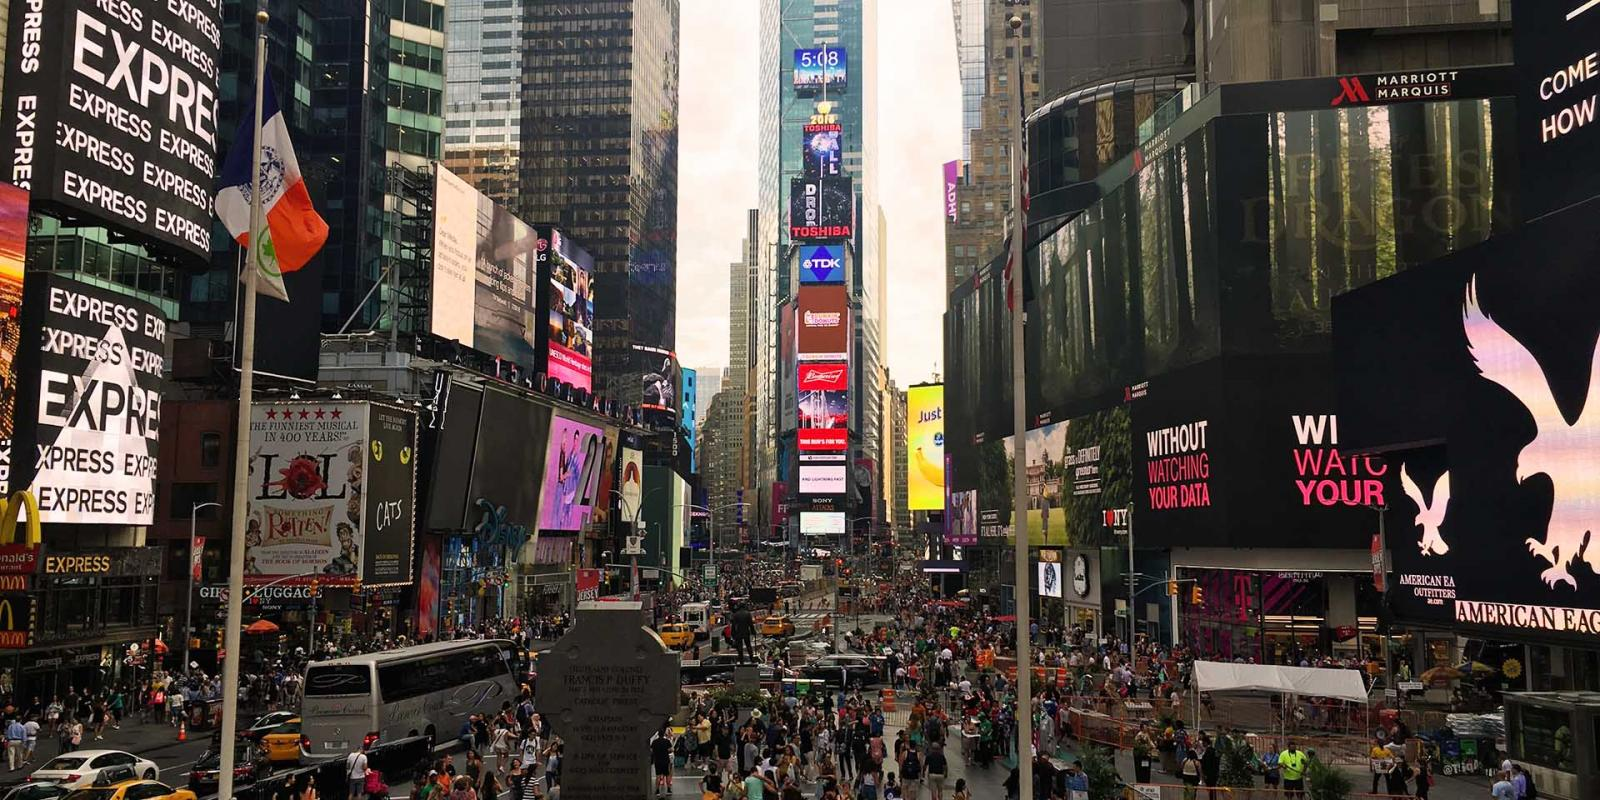 Nueva York en 7 días: Times Square